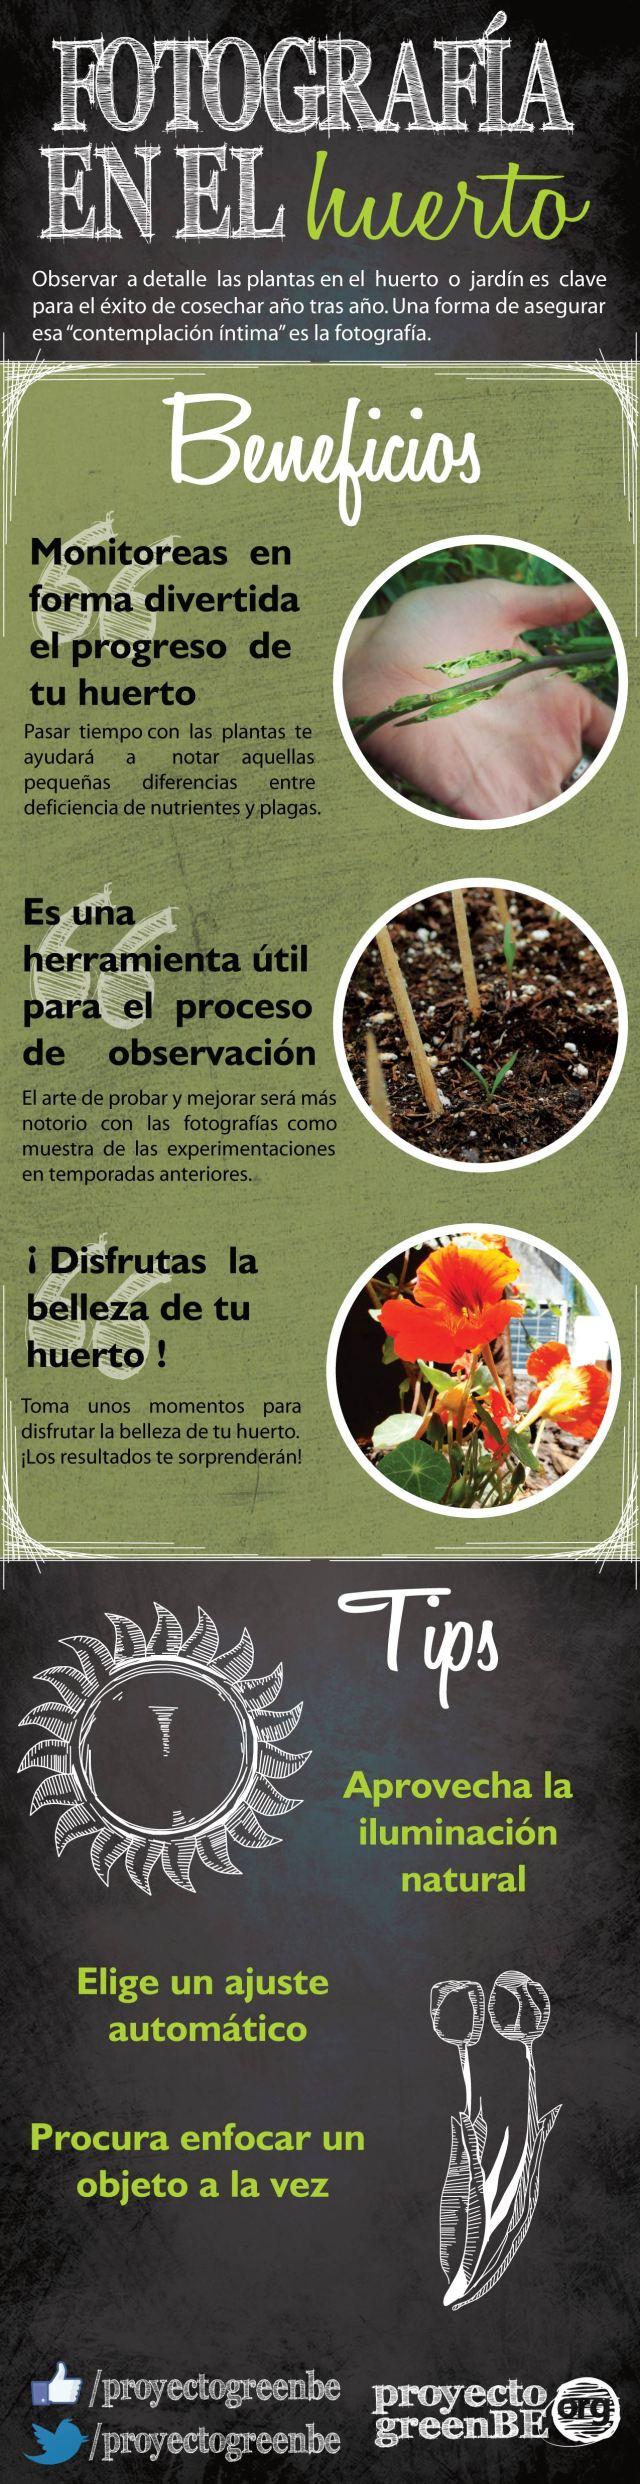 Infográfico Fotografía en el Huerto